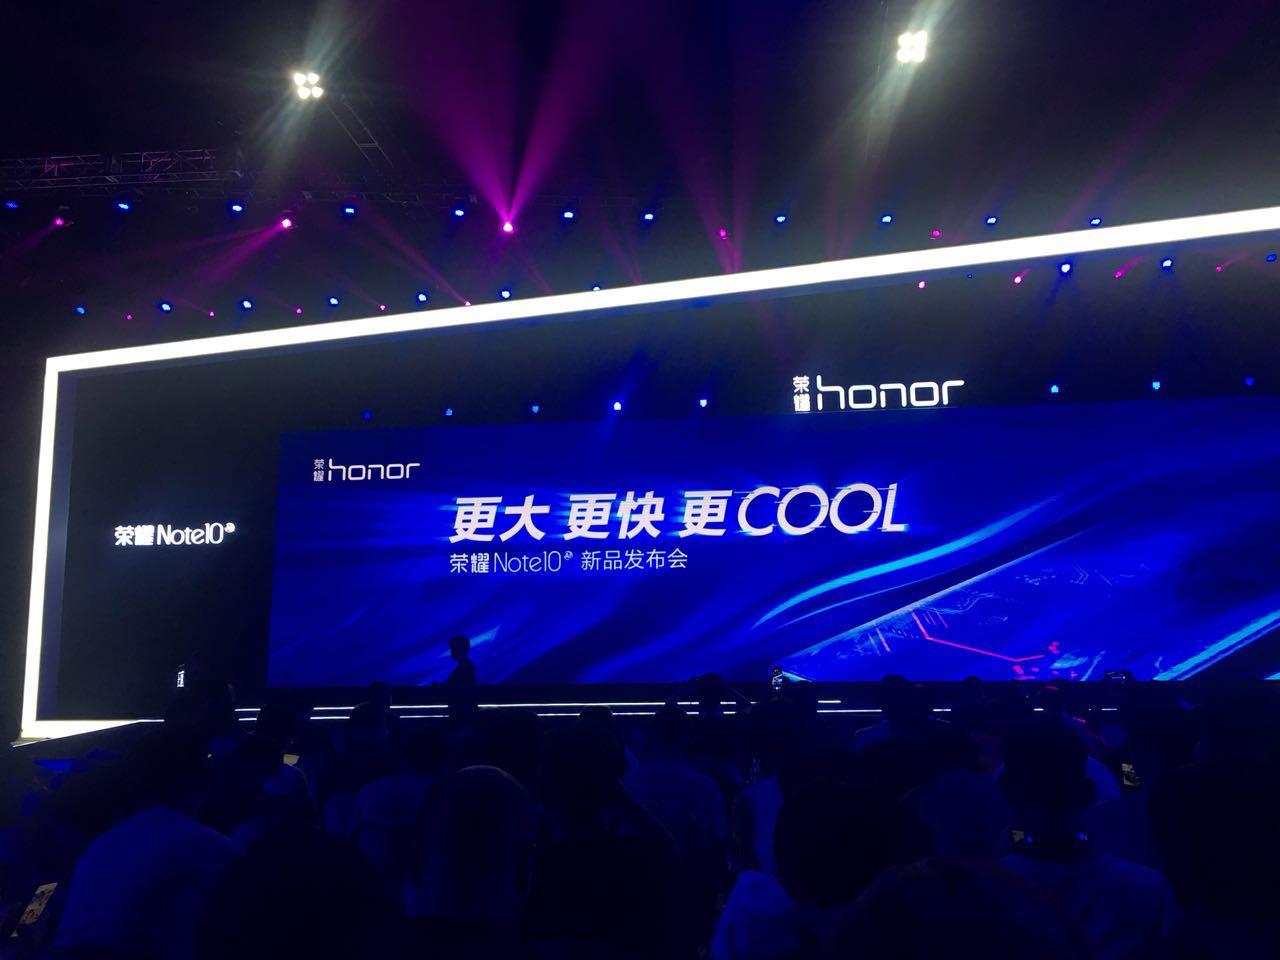 荣耀Note10发布2799元起售 双Turbo+很吓人技术